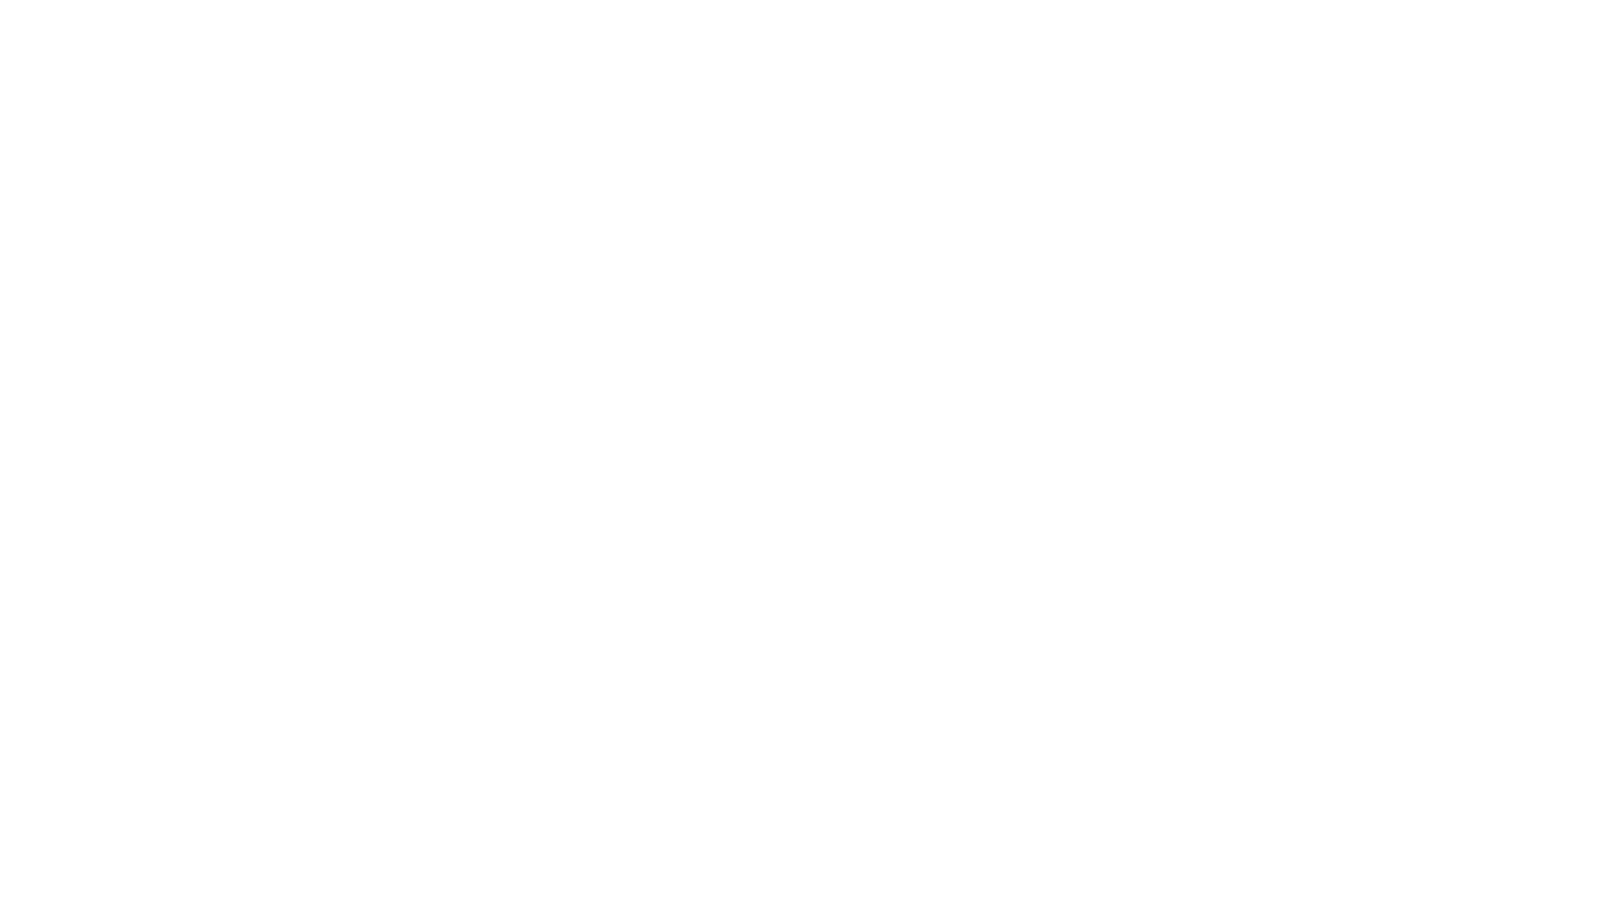 """Luís Stoffel é um caso sério de sucesso: começou o seu percurso na dança, com apenas quatro anos, no Grupo Académico e Infantil de Danças Ribatejanas de Santarém e, anos mais tarde, iniciou a sua formação em Dança na FMH – Faculdade de Motricidade Humana, na Companhia de Dança de Lisboa e na Universidade de Marly Le Roi em Paris.  Depois de muitos anos de dedicação ao palco a dar aulas, formações e em espectáculos no Algarve e em todo o país, em 2002, decidiu dar uma volta de 180º na sua carreira e inicia a sua actividade profissional como aderecista """"autodidacta"""" no Teatro Politeama em Lisboa."""